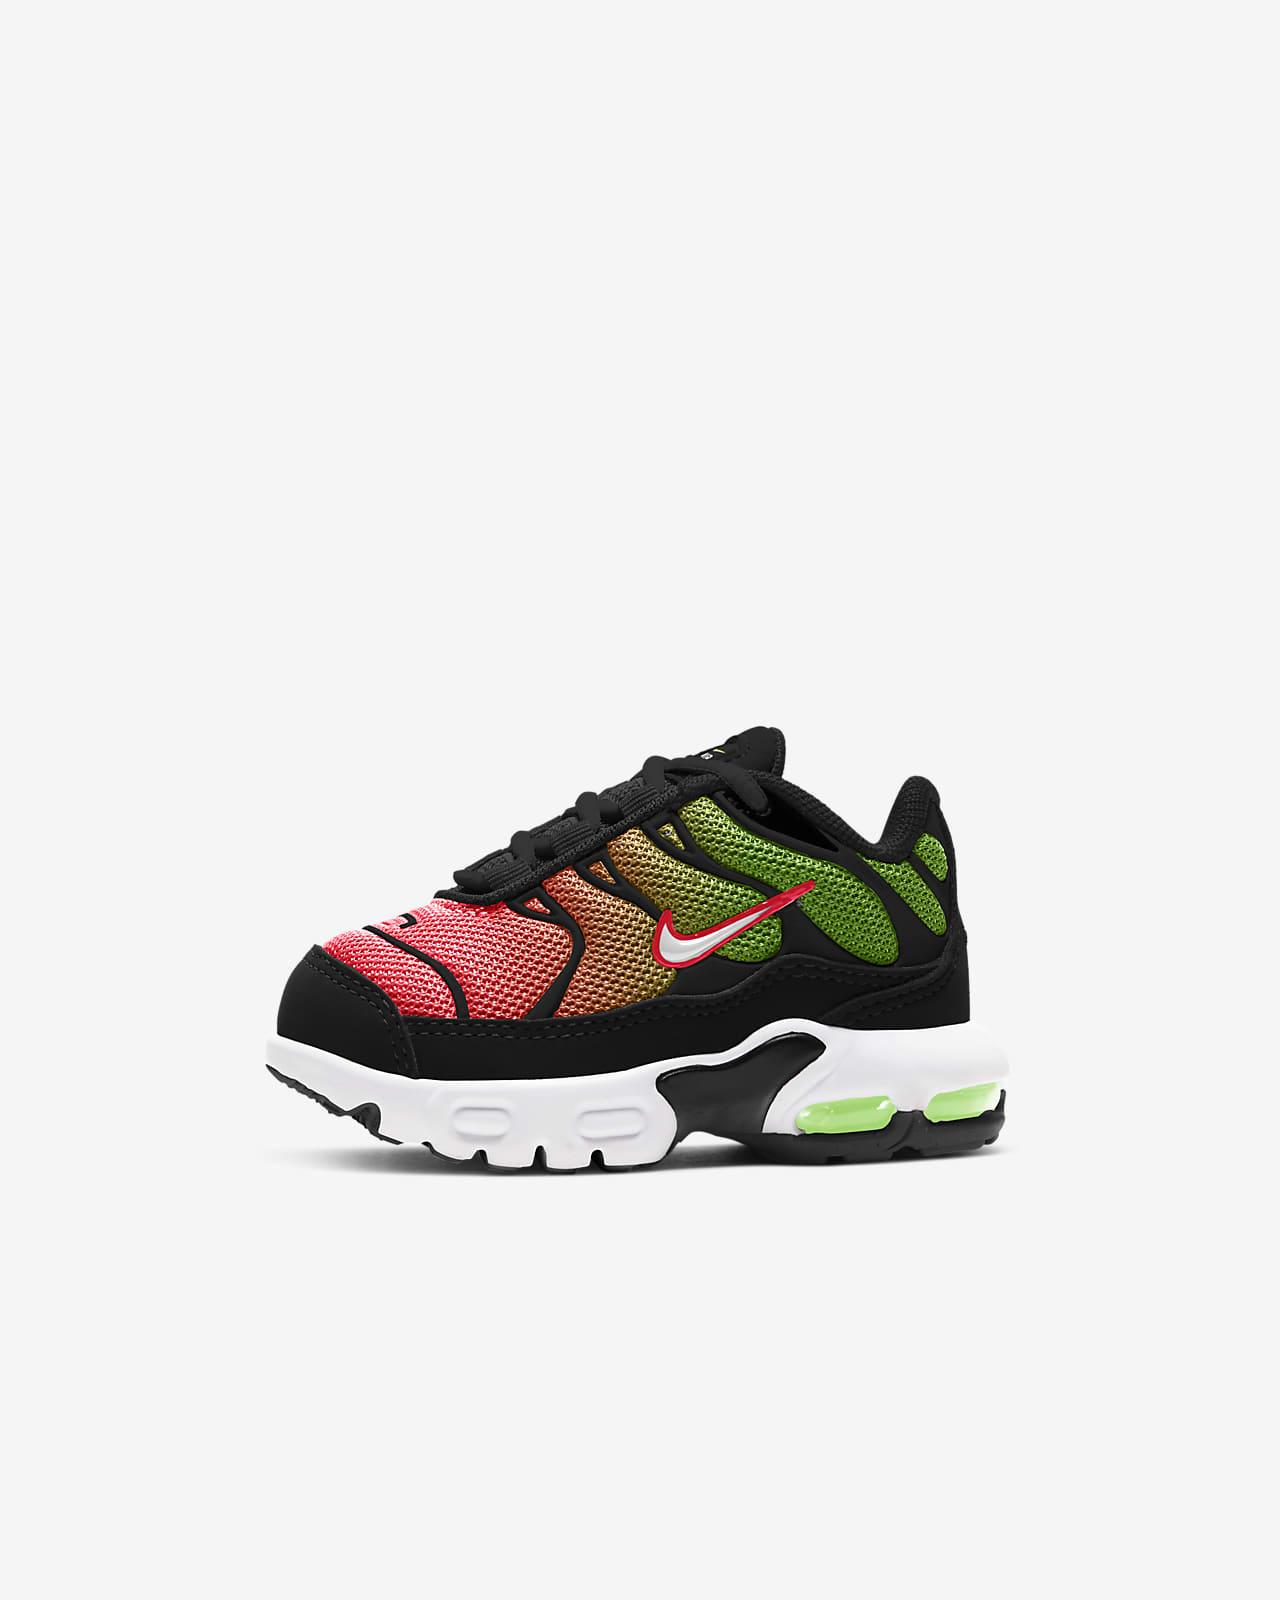 Nike Air Max Plus Schoen voor baby's/peuters